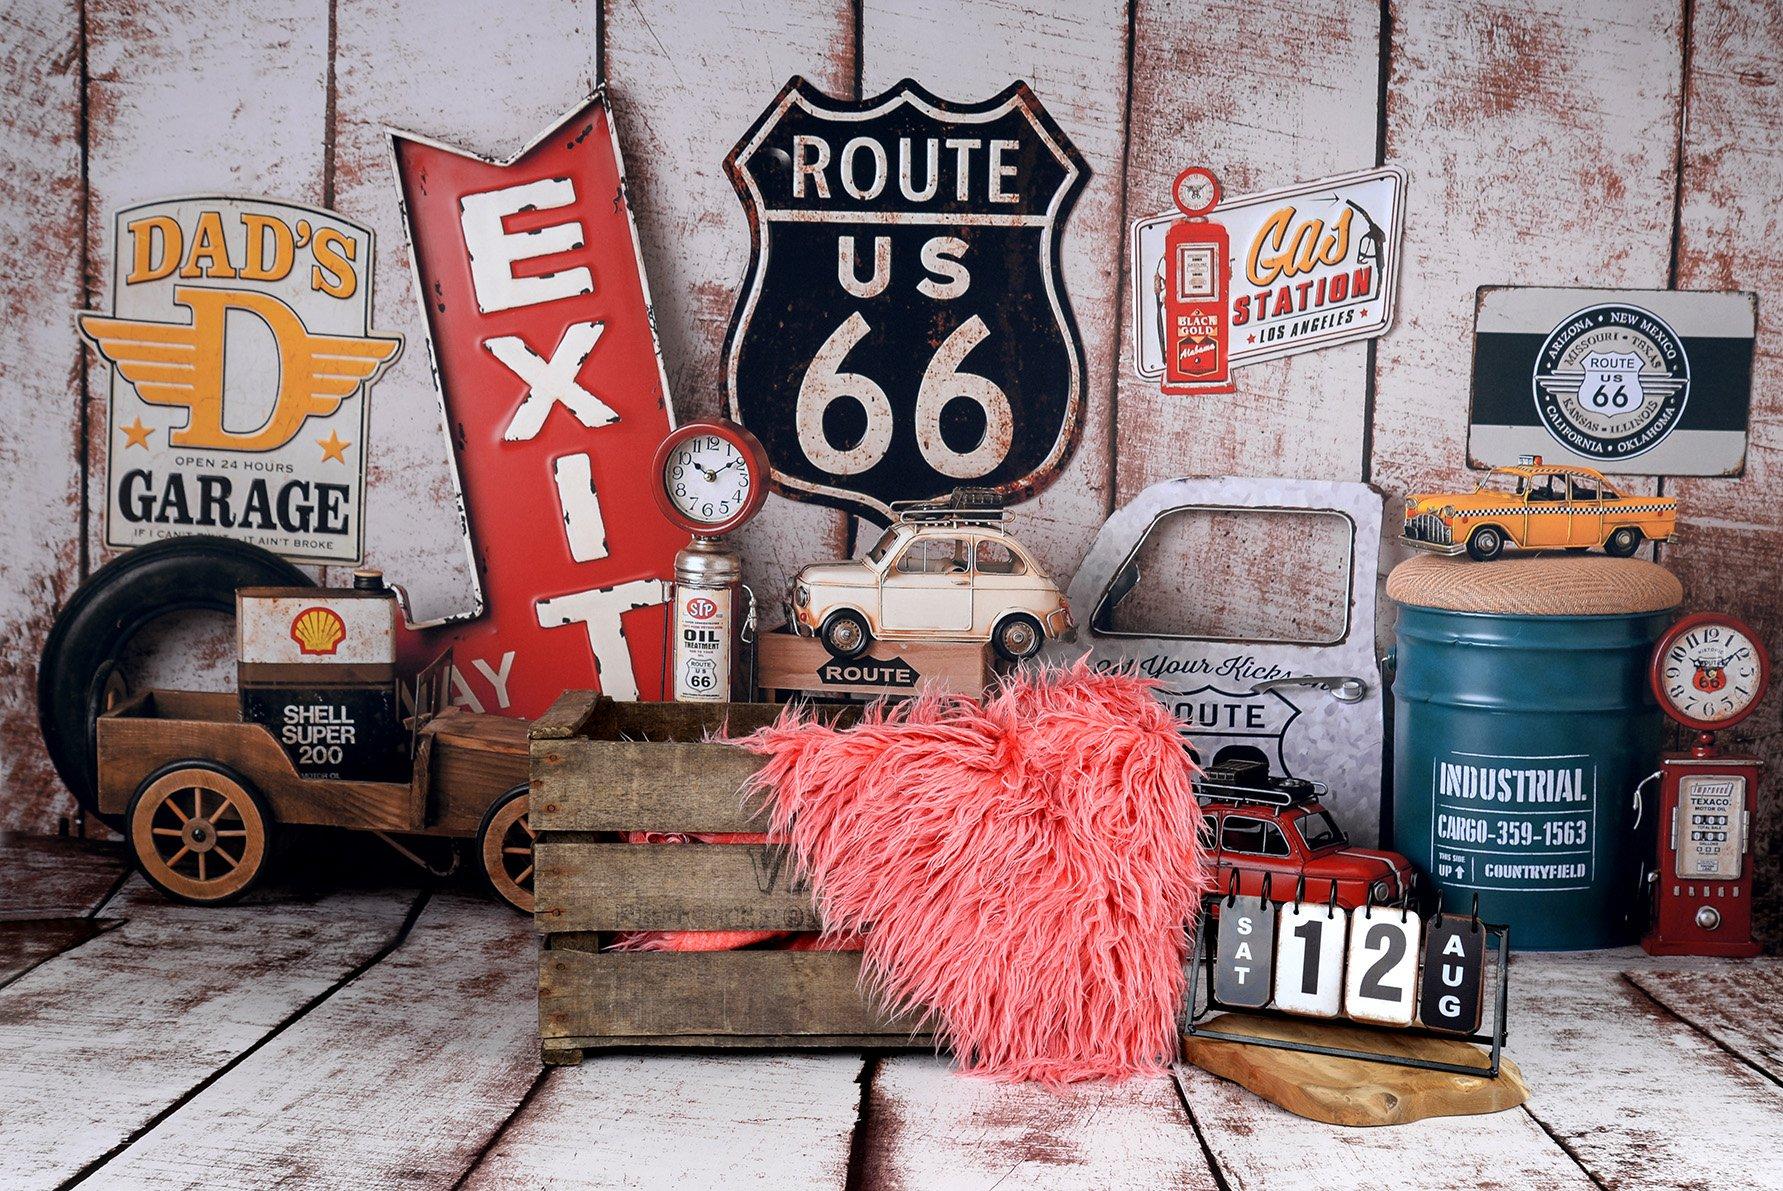 23 Route 66 & Alabama